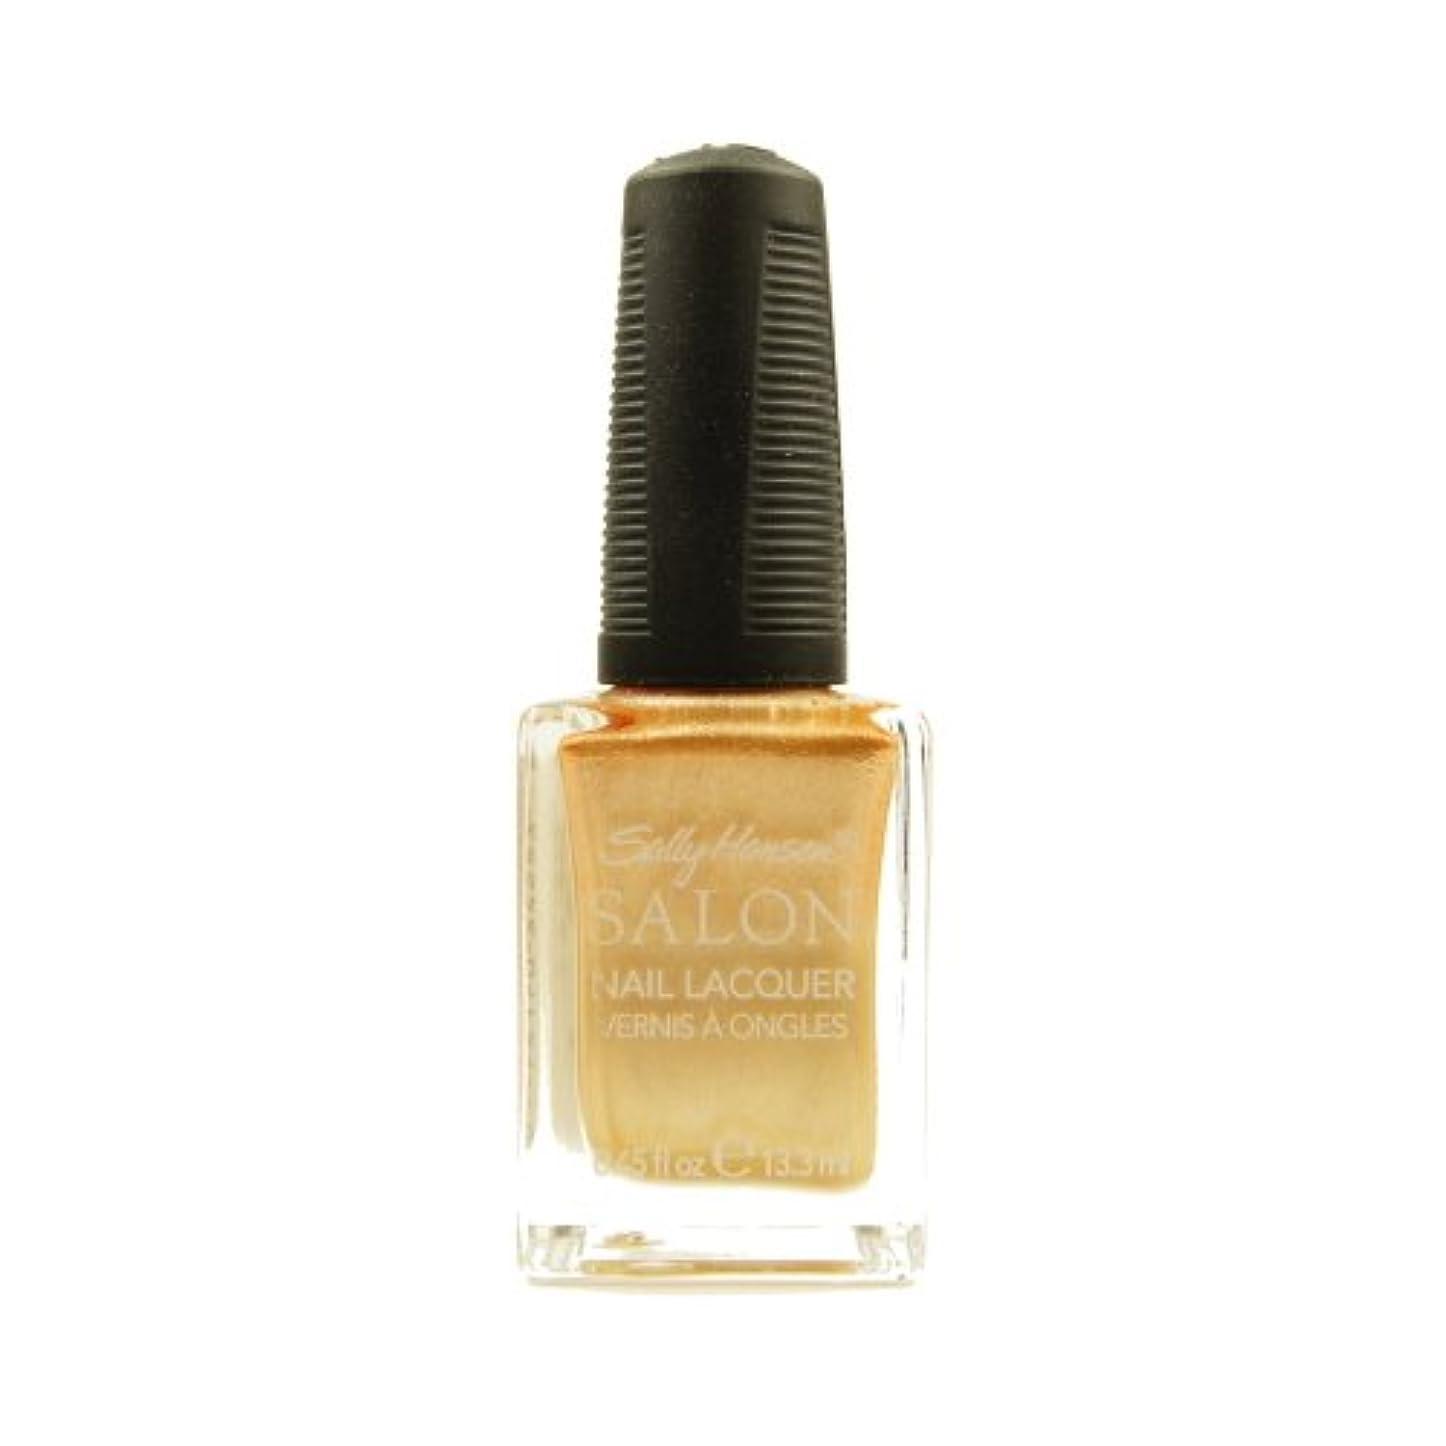 賭け症候群採用(3 Pack) SALLY HANSEN Salon Nail Lacquer 4134 - Gilty Pleasure (並行輸入品)